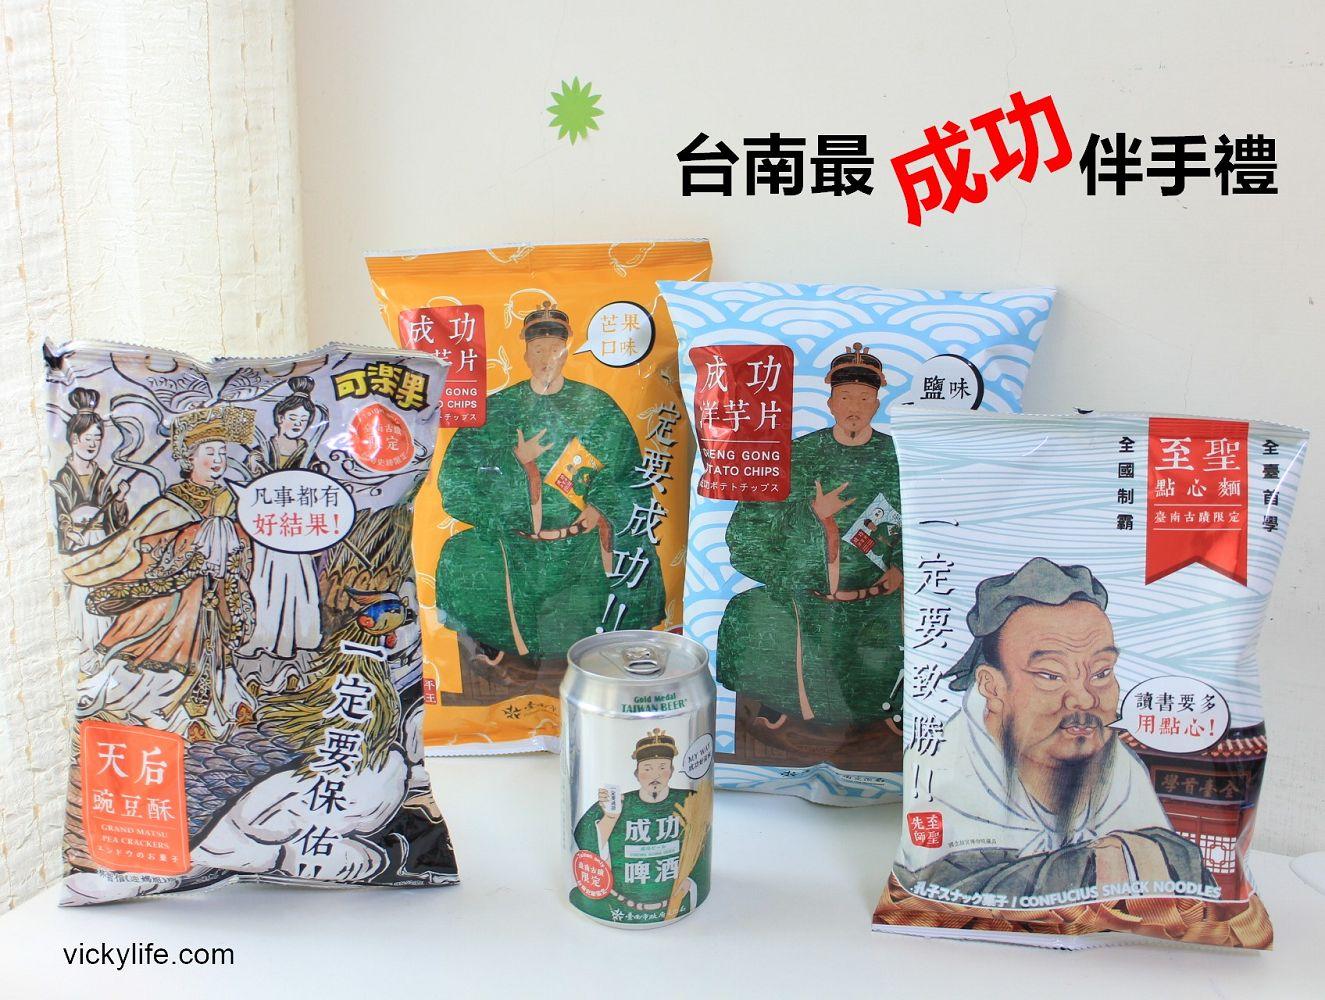 台南必買︱到台南該買什麼伴手禮?台南古蹟限定販售: 好看好吃好有意義,還有考生許願卡,收到的人一定心歡喜